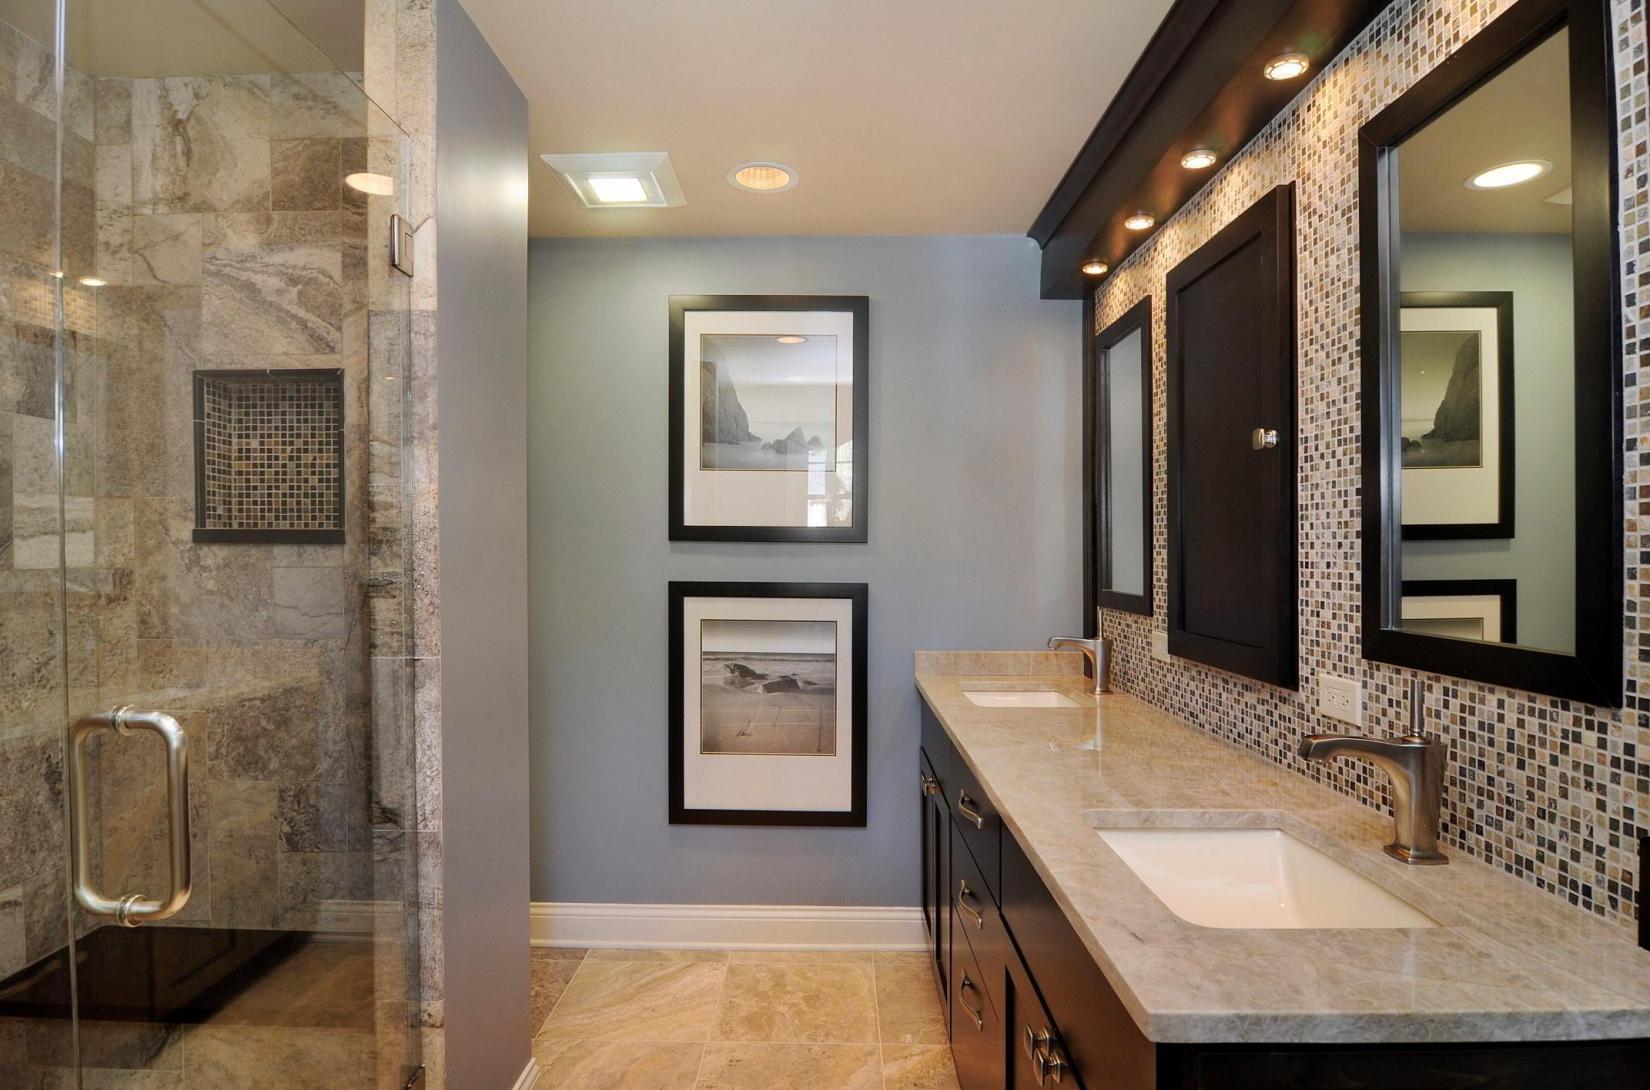 Bathroom Design Consultant | Bathroom Design & Build